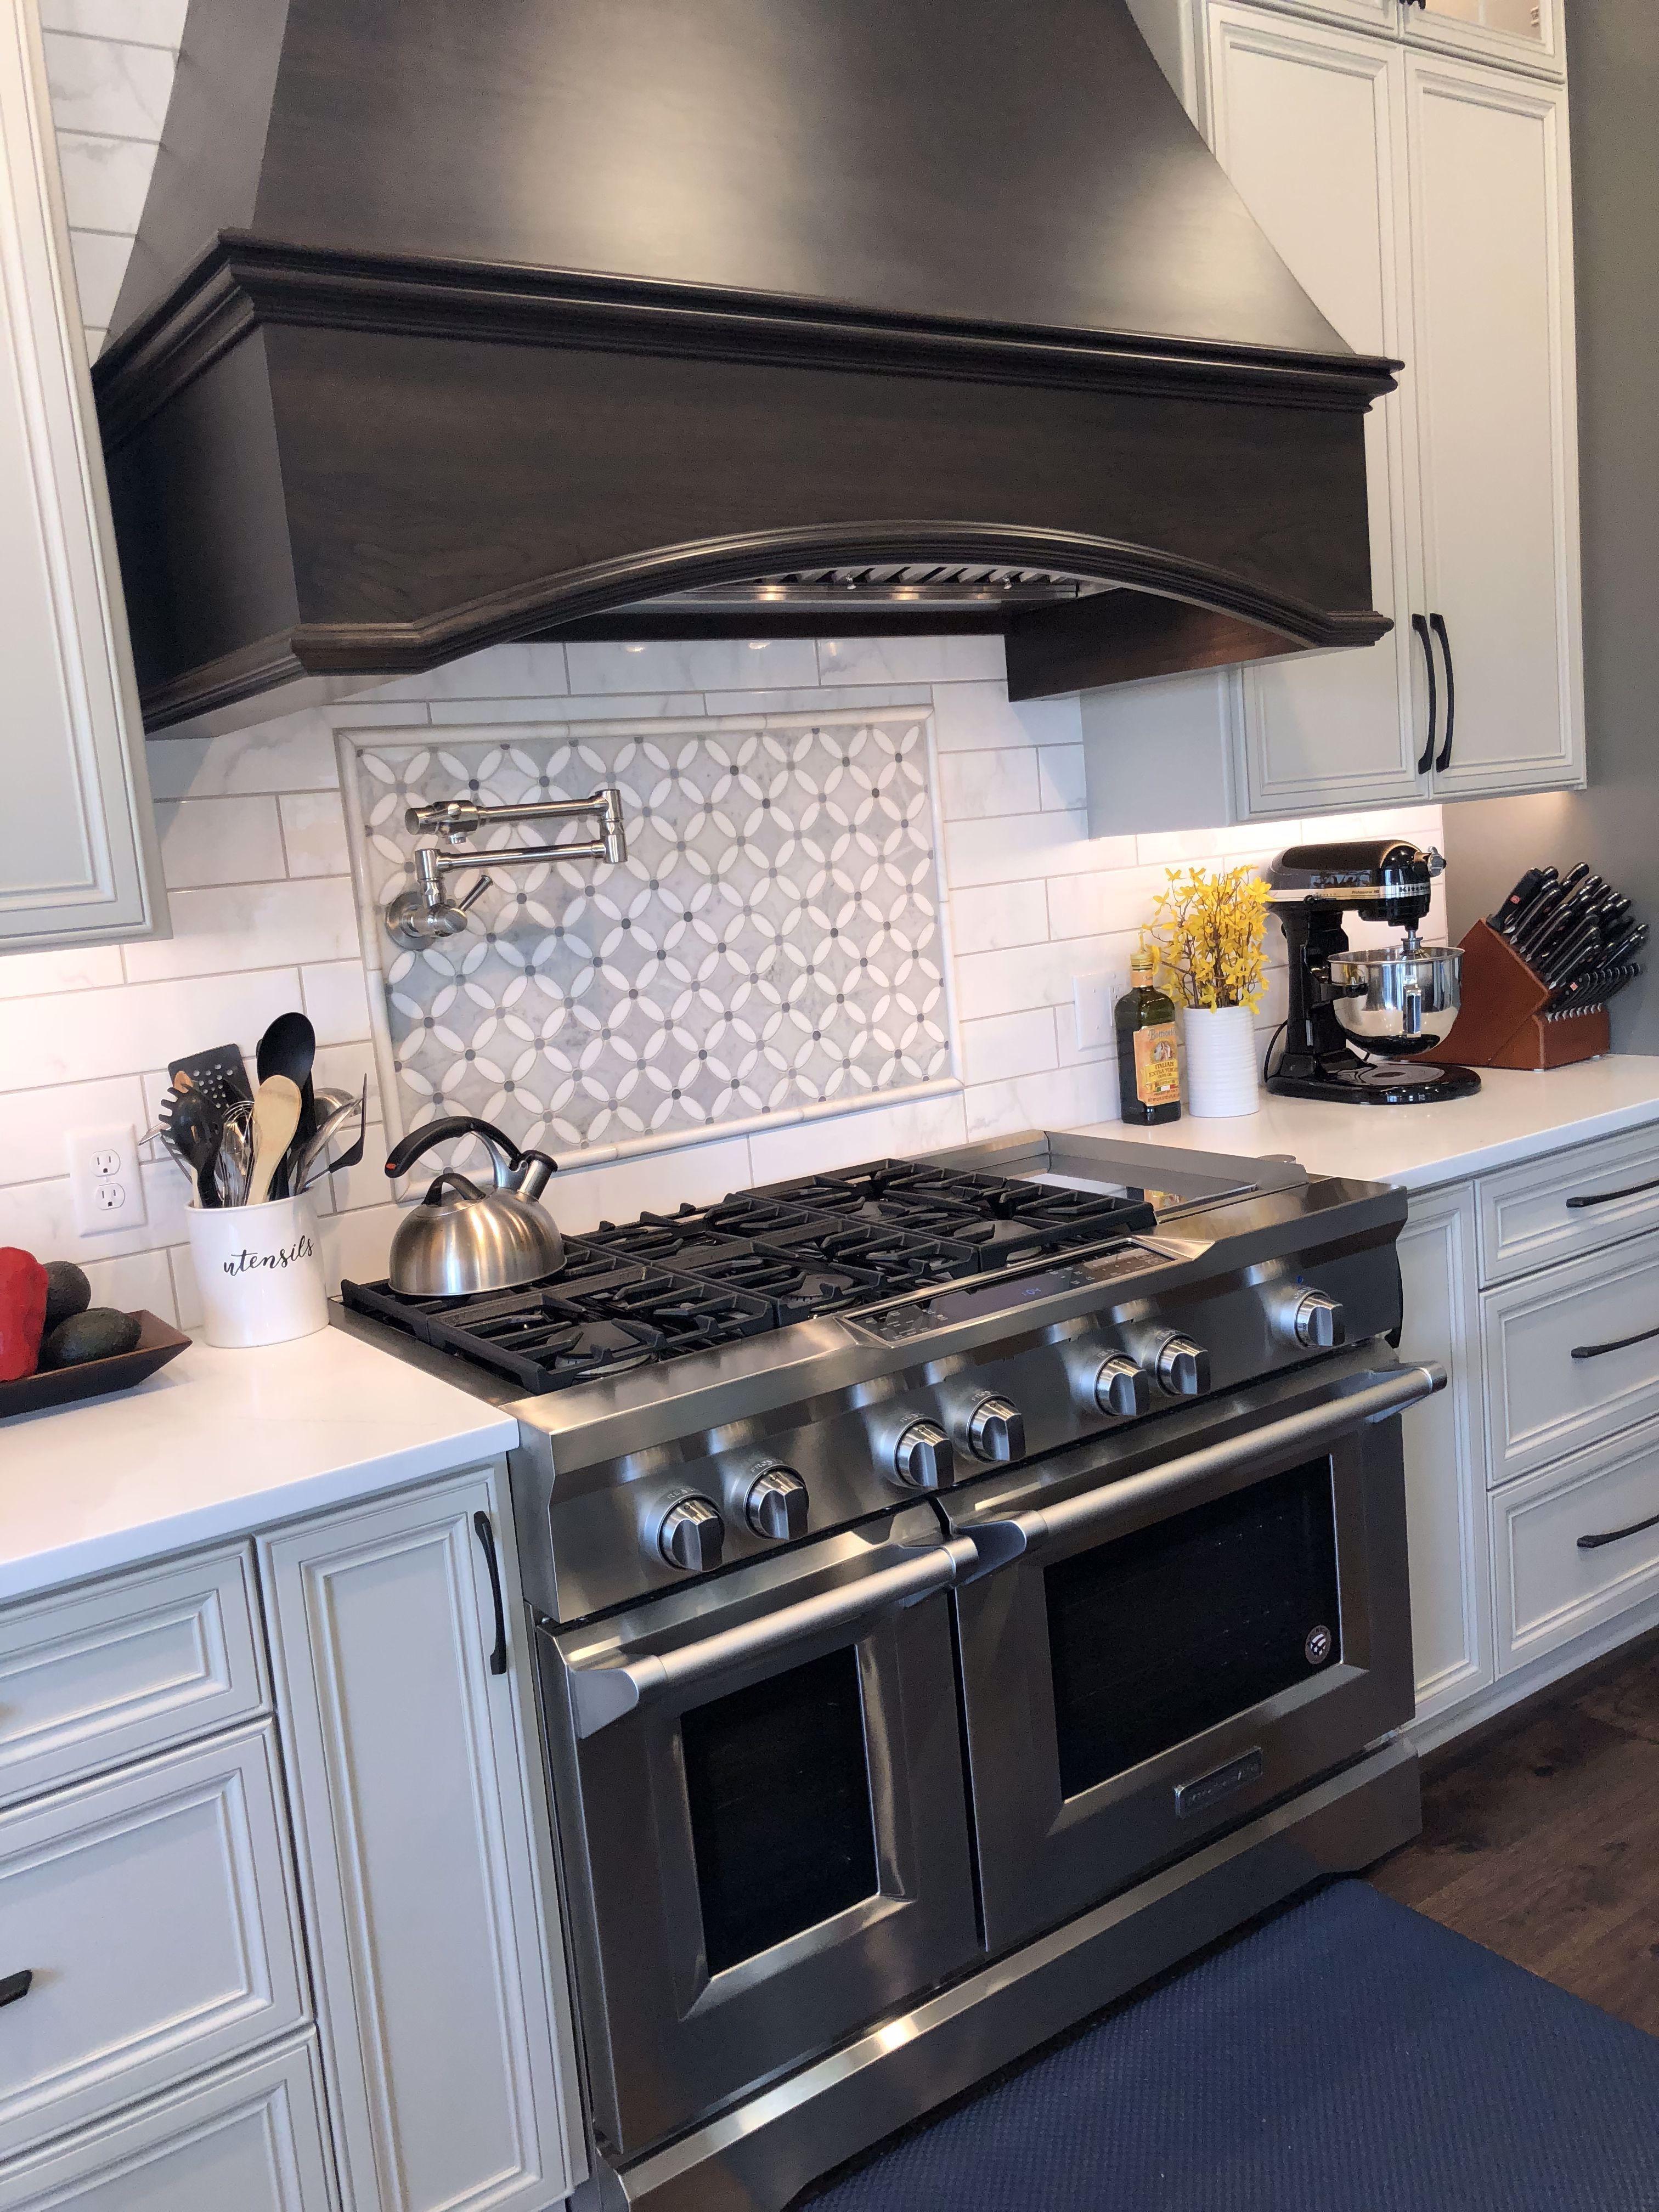 48 Inch Range In 2020 Kitchen Range Hood Home Kitchens 48 Inch Range